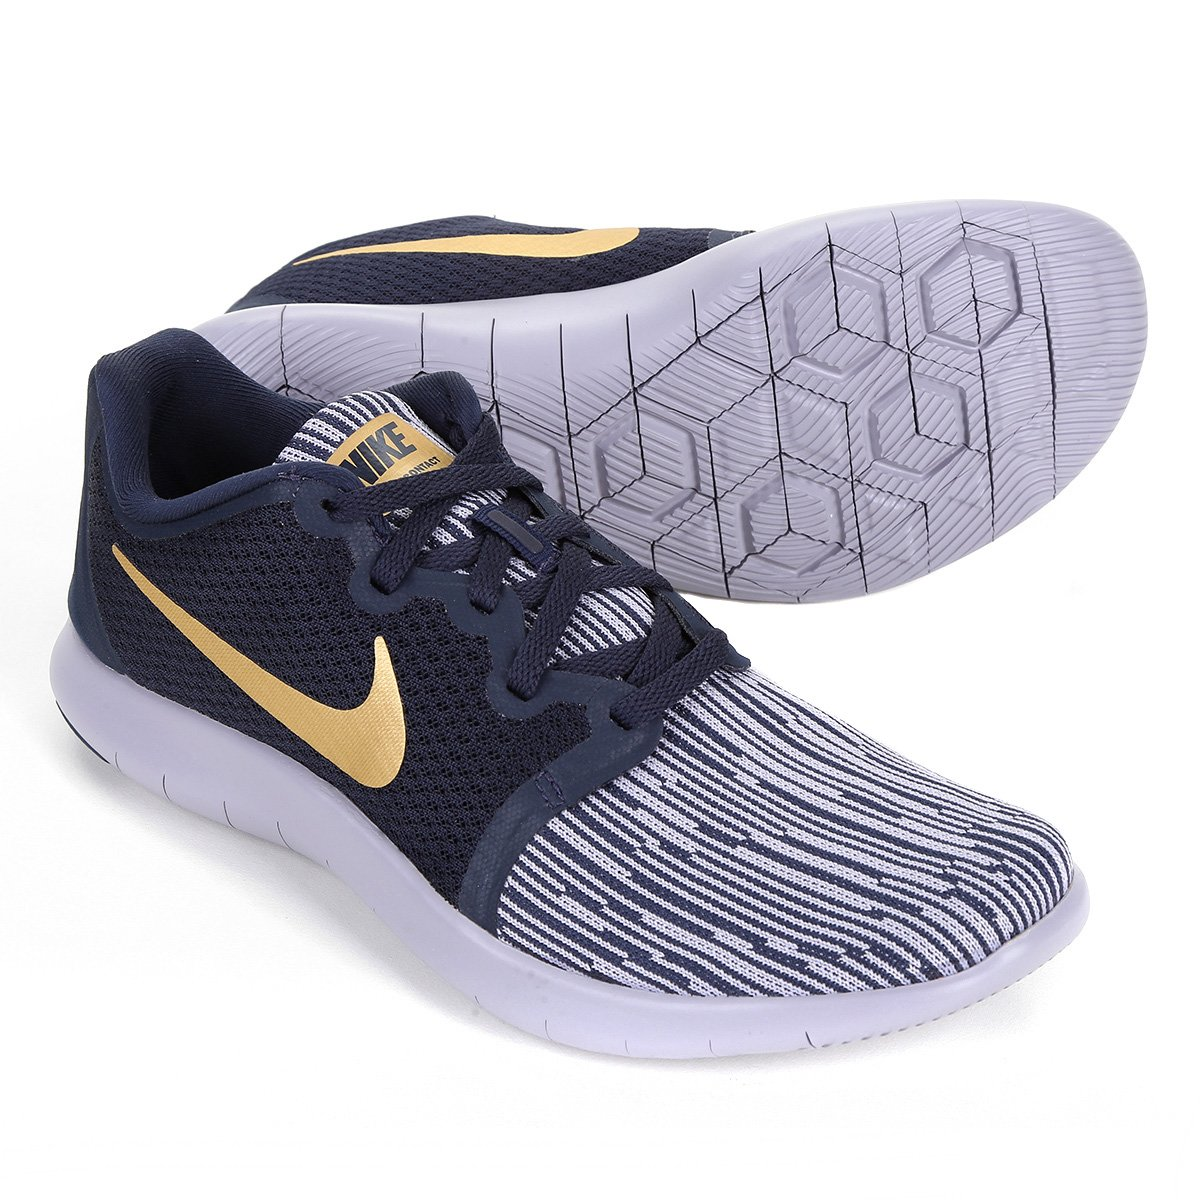 b2dbd70ef98 Tênis Nike Flex Contact 2 Feminino - Preto e Dourado - Compre Agora ...